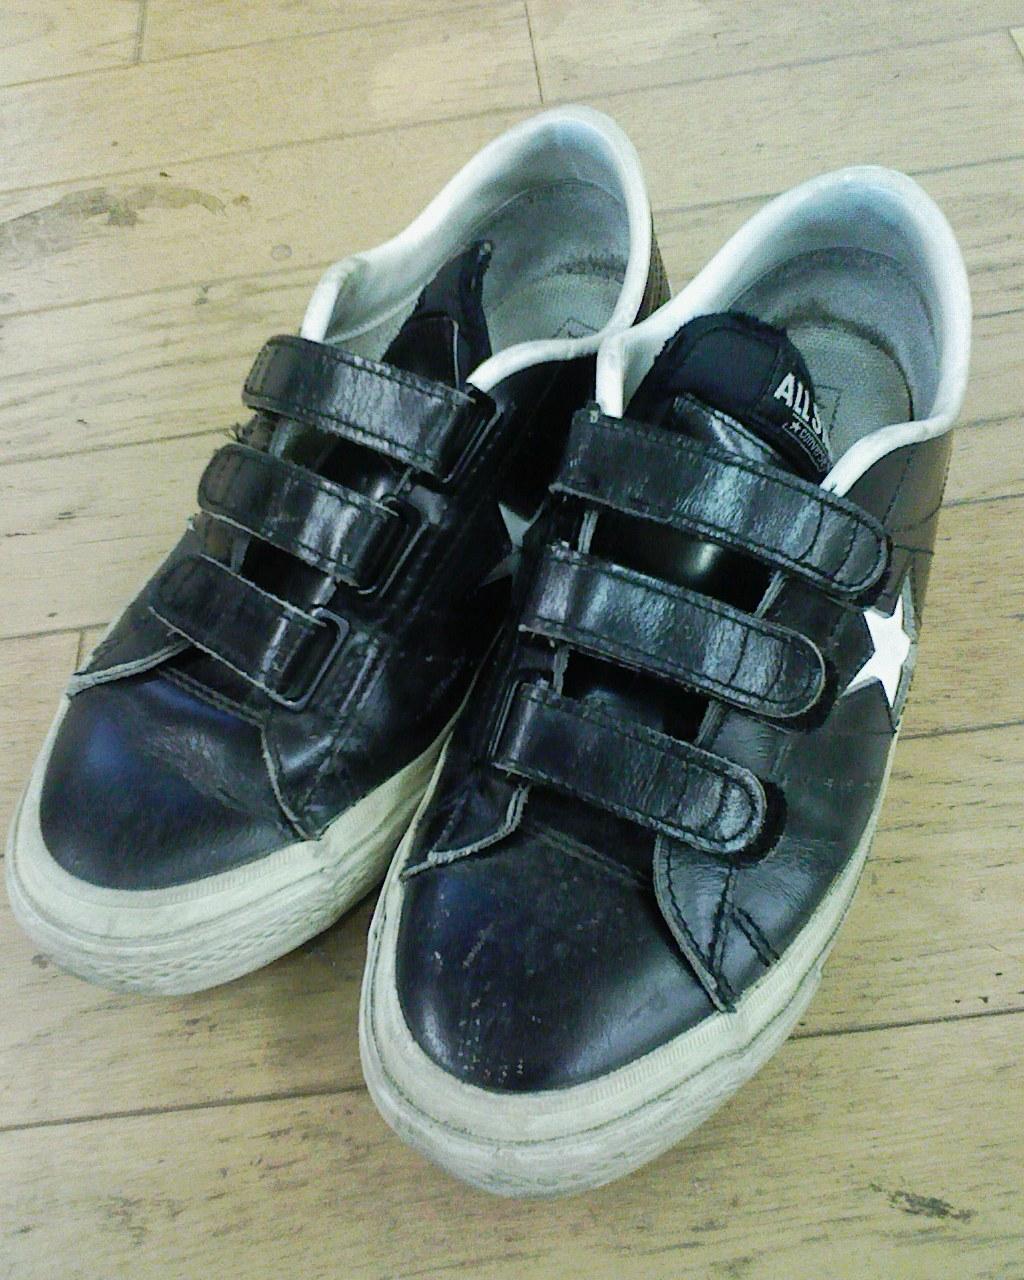 アディダスのスタンスミス黒のマジックテープが壊れたので、第2段として買ったお気に入りの靴でした。  履き心地や軽さなんかはスタンスミスの方が良かったですが、